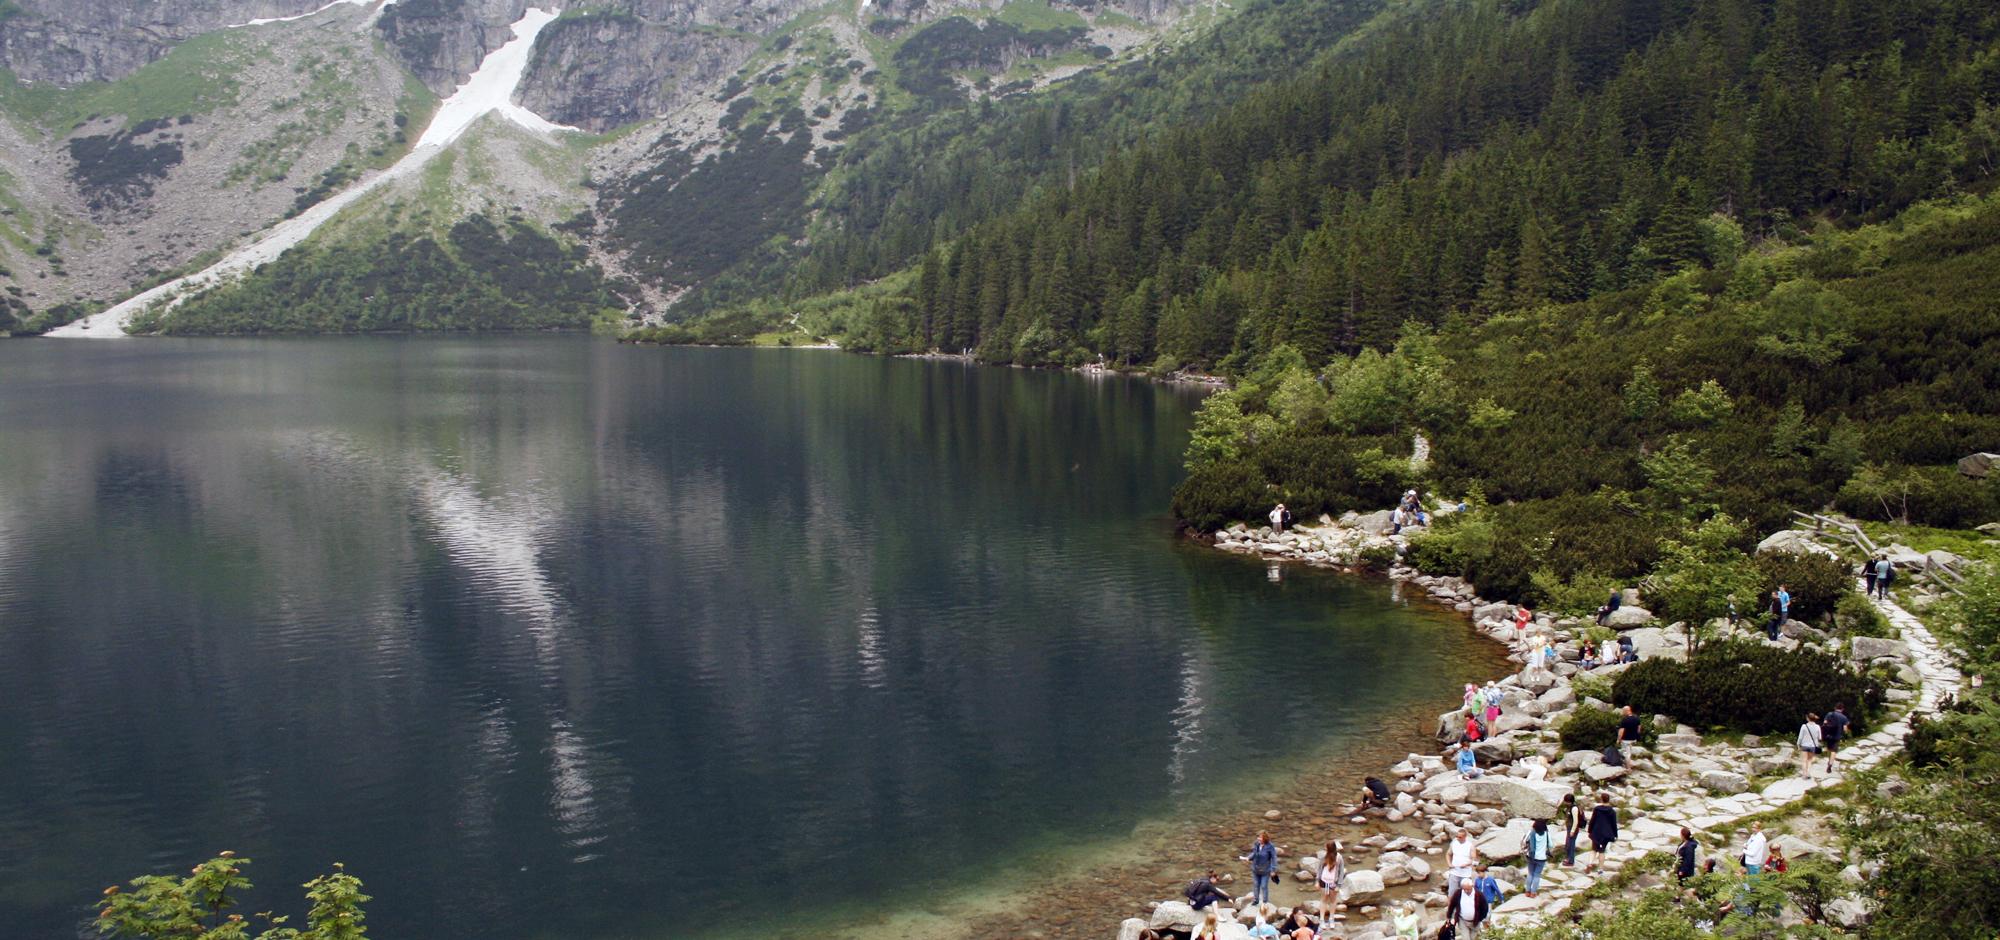 Озеро Морское Око, Польша.